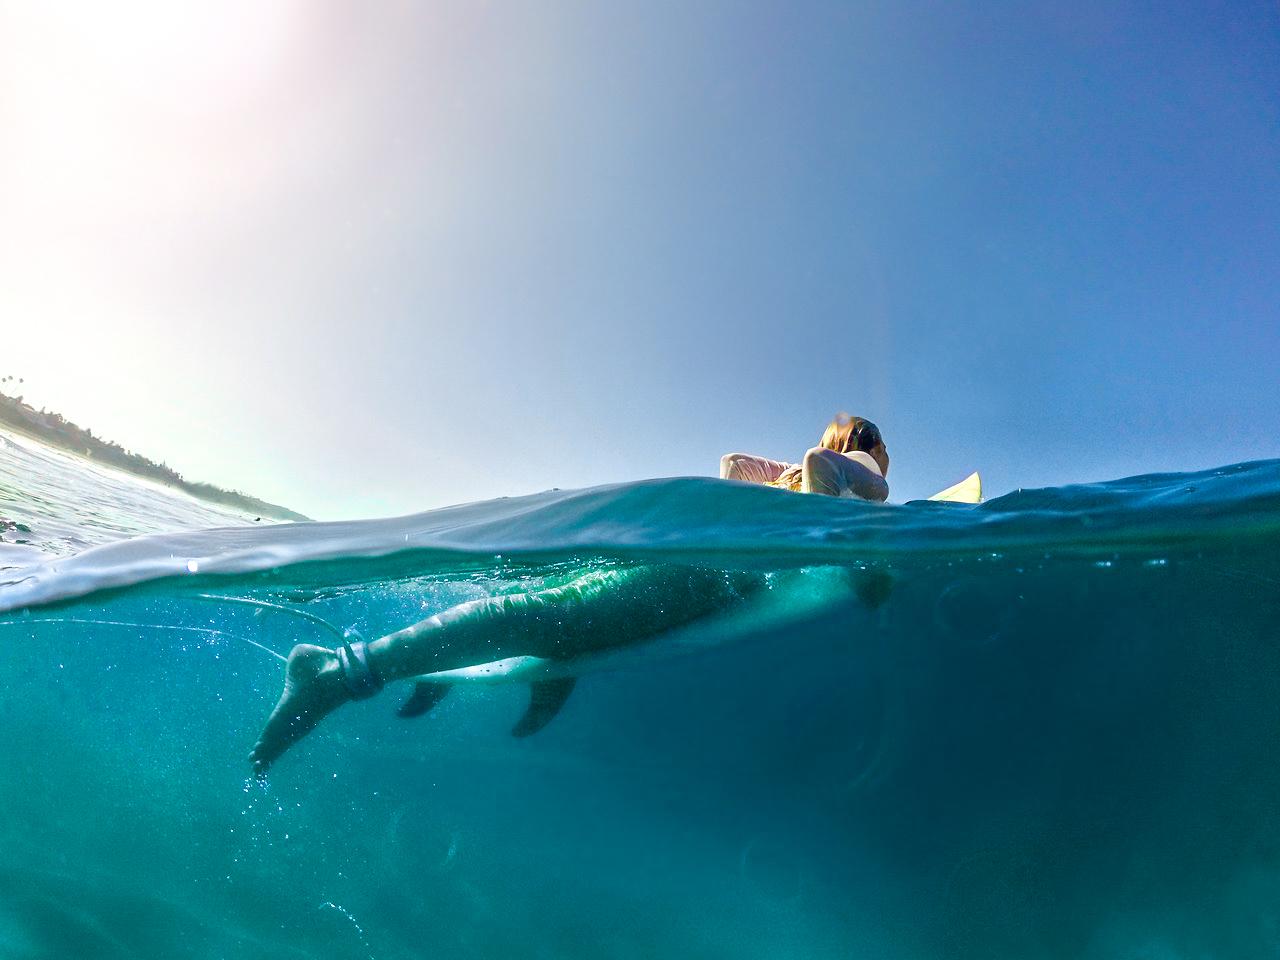 Surfing - Sierra Perry